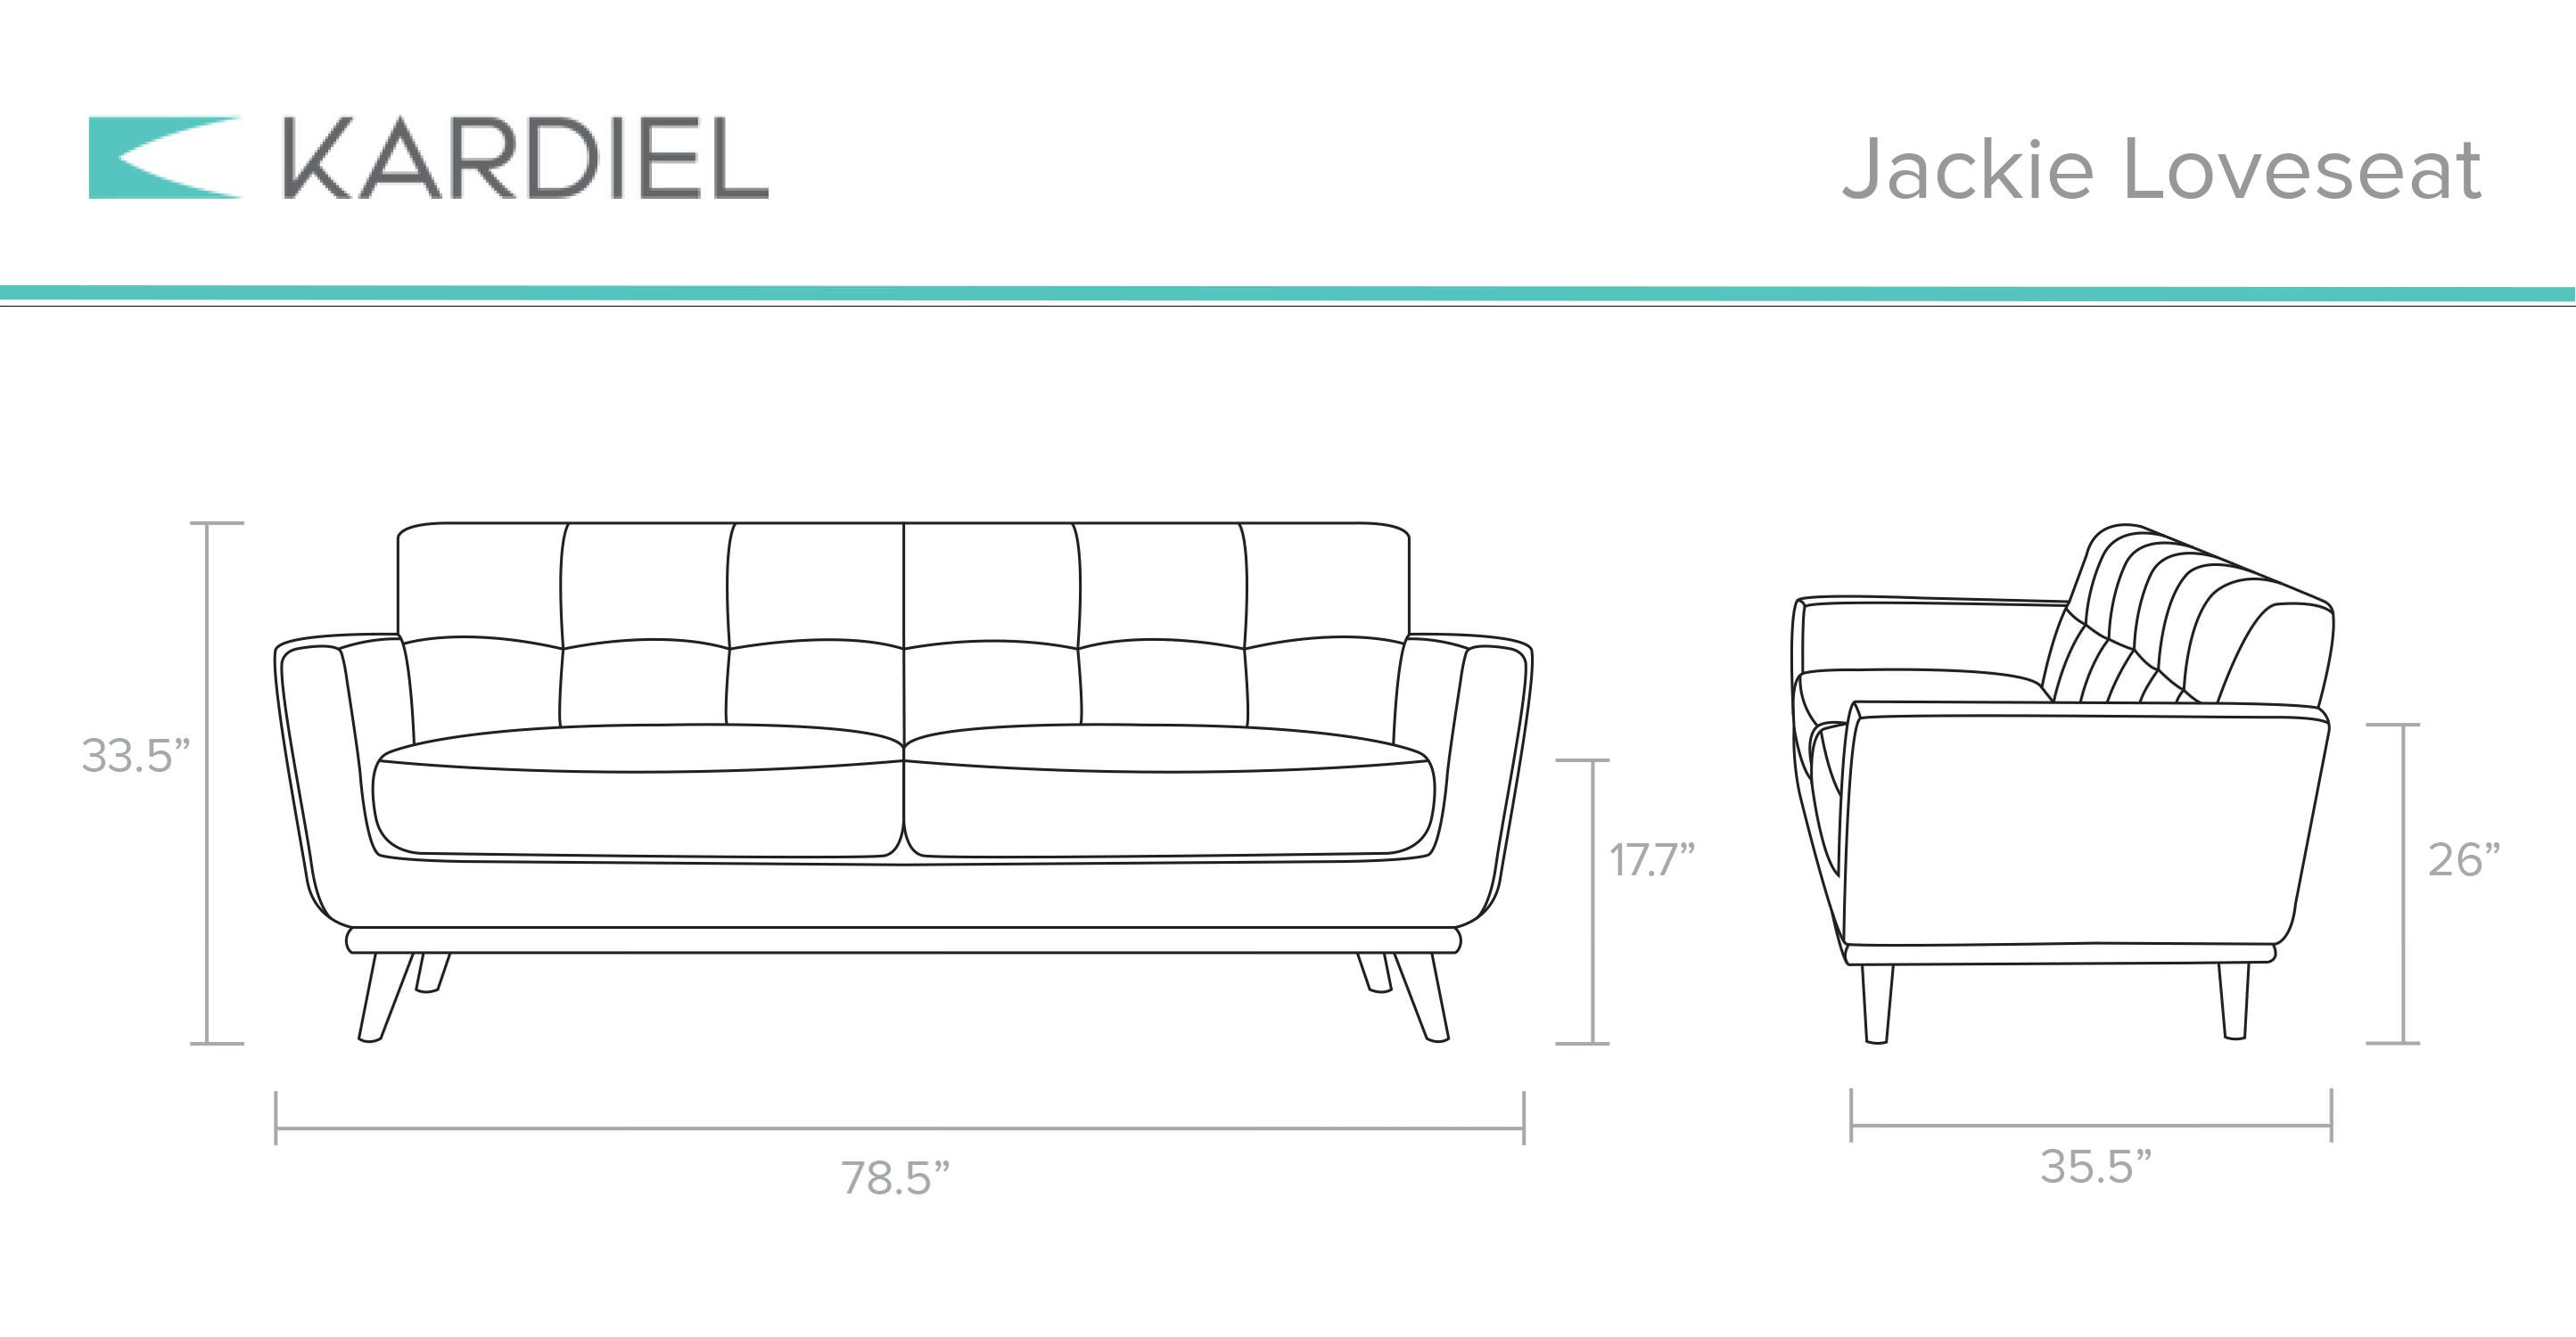 drawings-jackie2.jpg